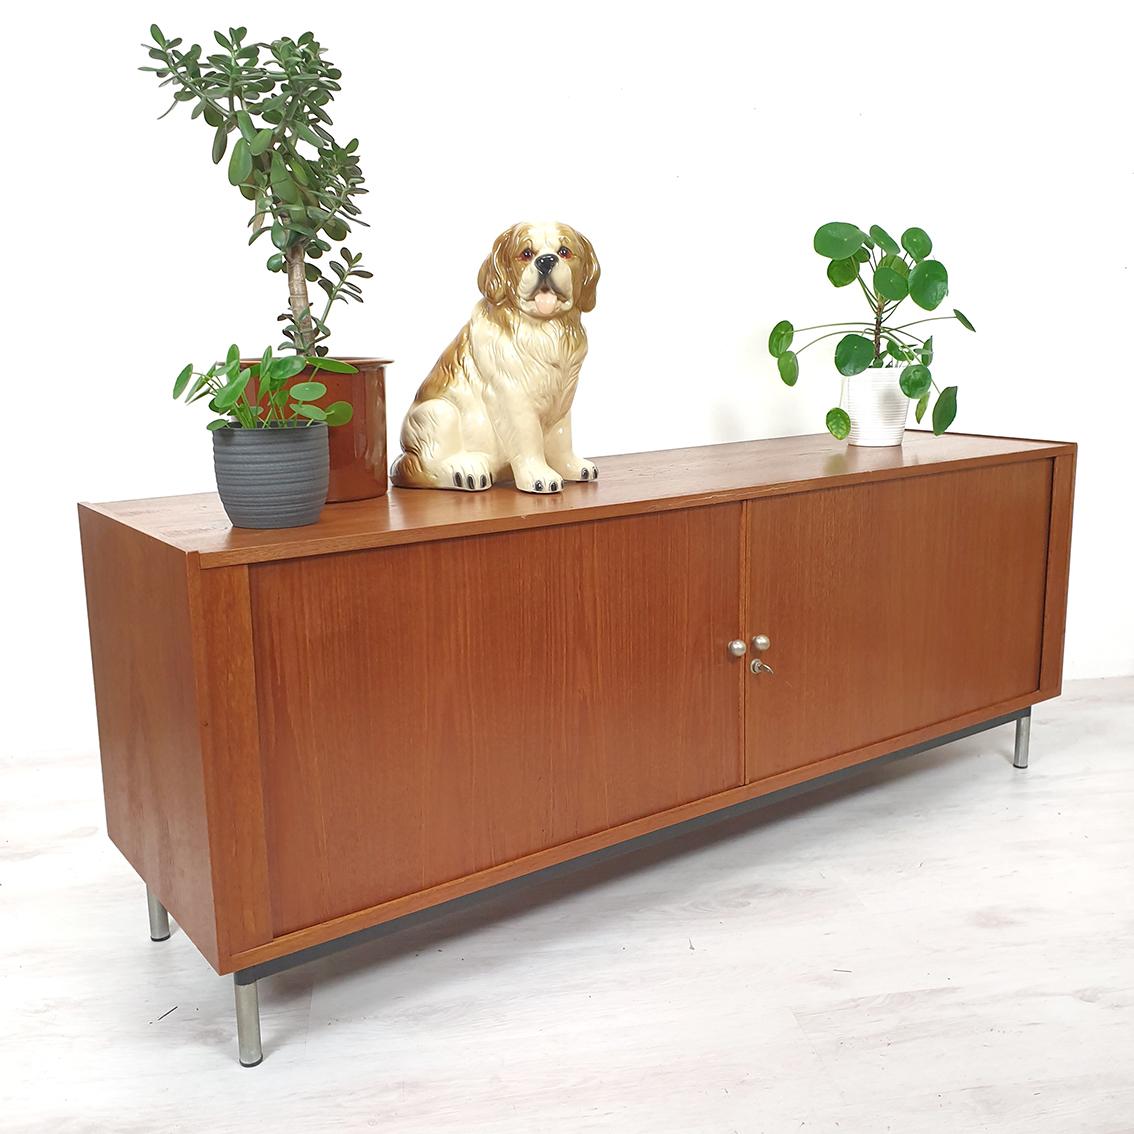 Vintage golden retriever puppy storage trunk